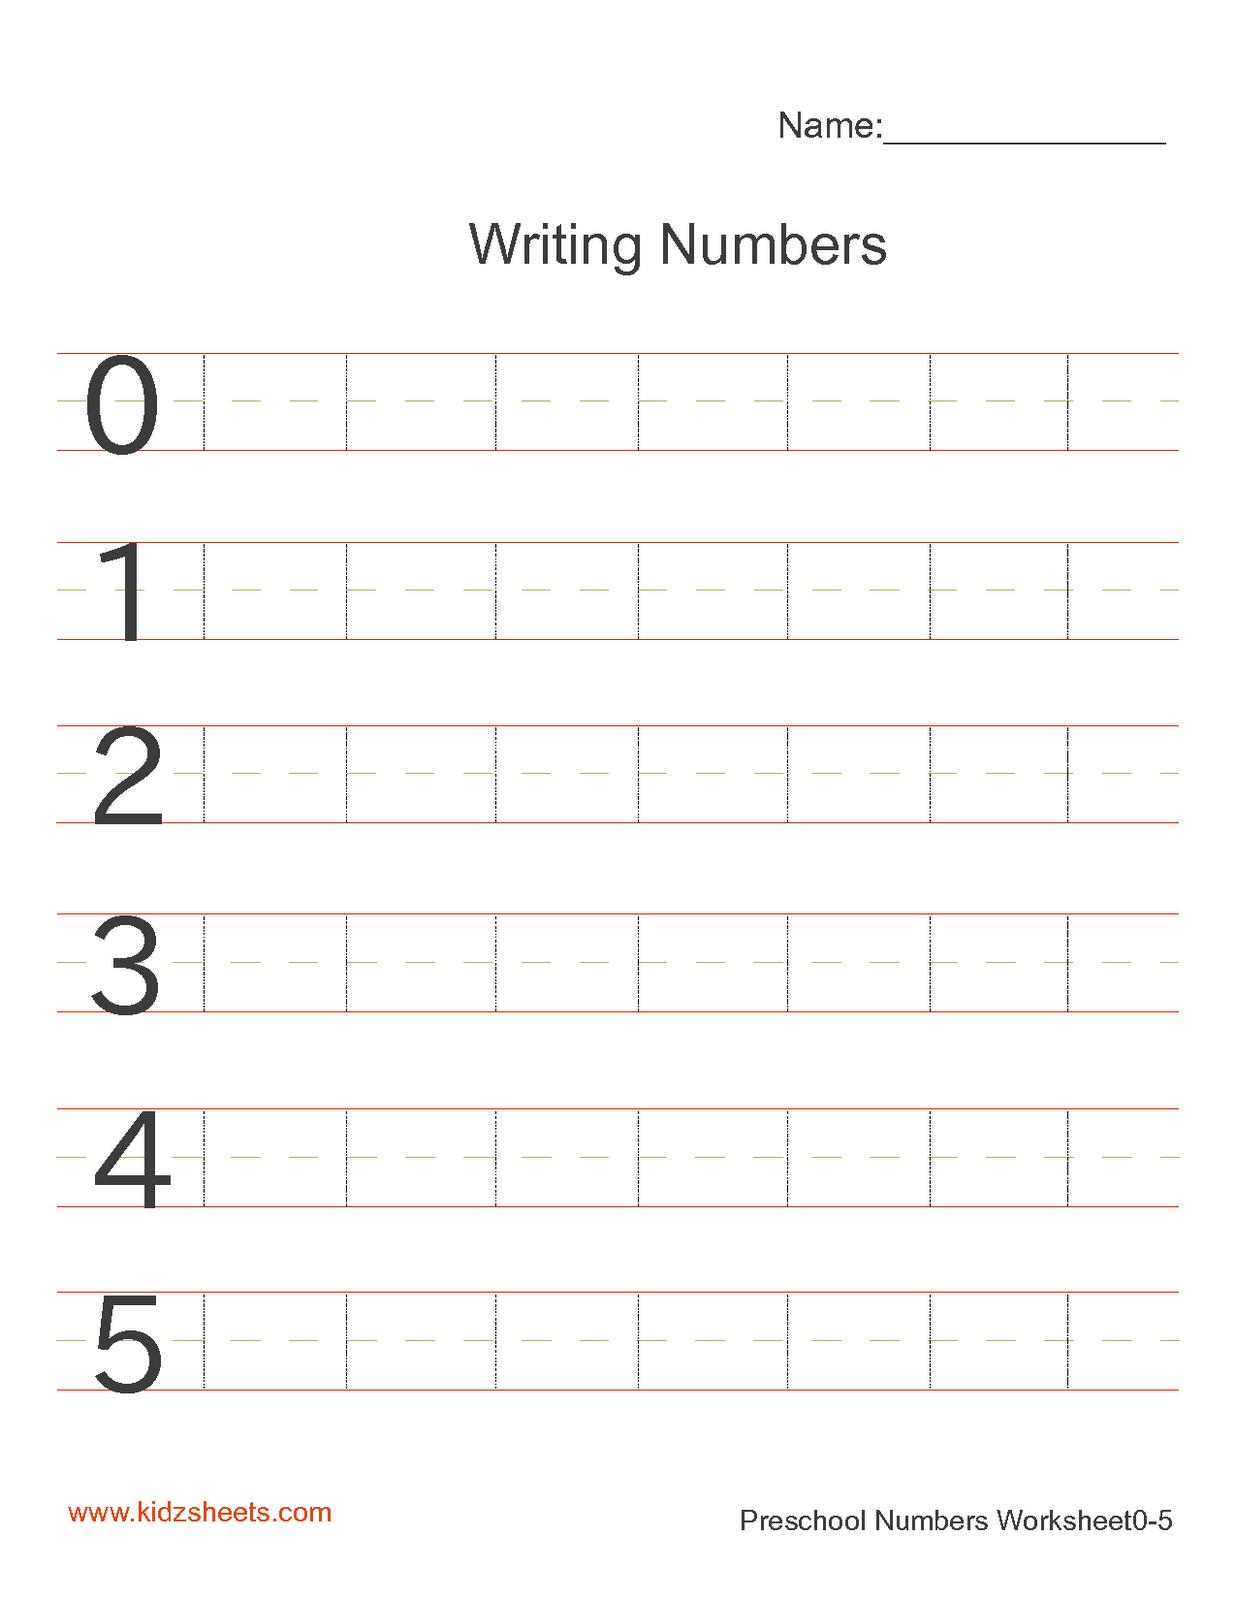 hight resolution of Kidz Worksheets: Preschool Writing Numbers Worksheet1